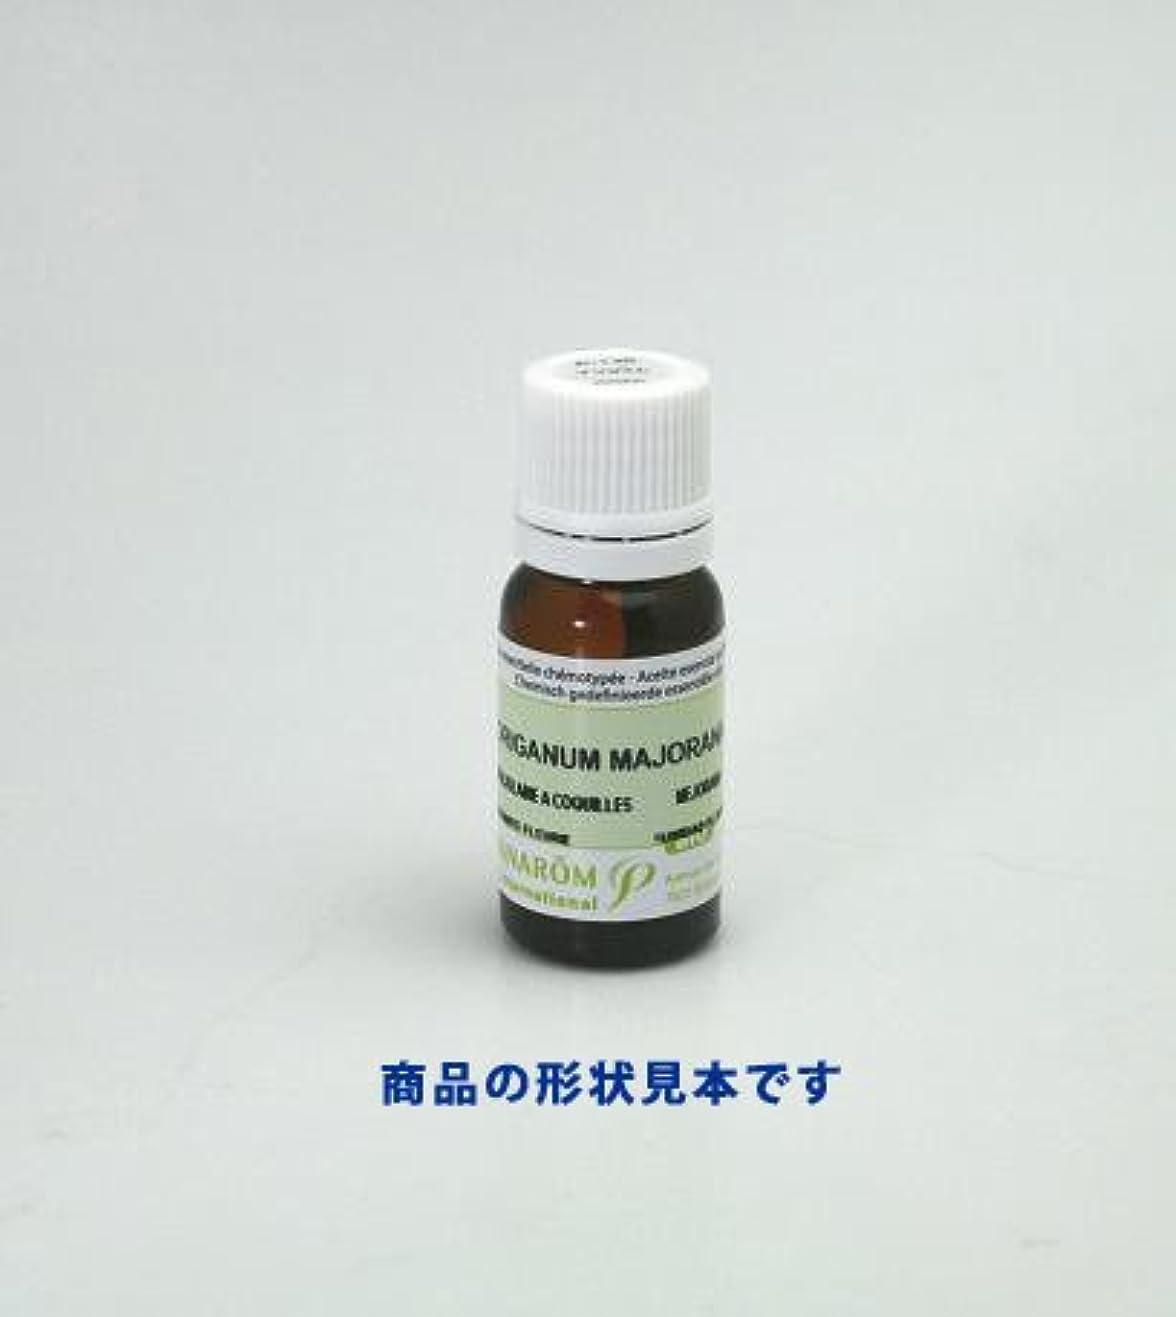 和解する風景教育者プラナロム社製精油:P-155 パチュリー